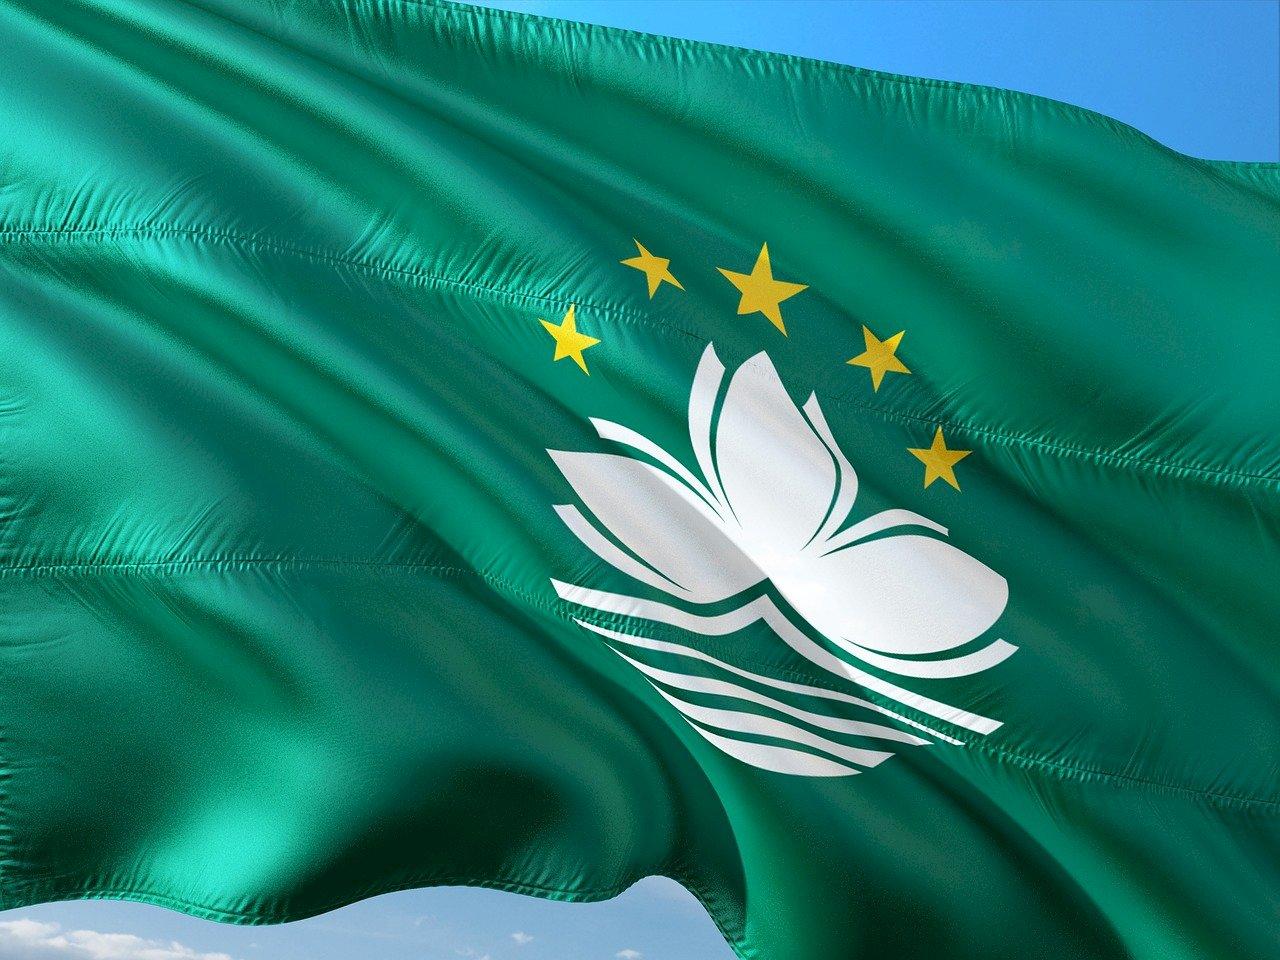 繼香港之後 澳門駐台經濟文化辦事處宣布暫停運作